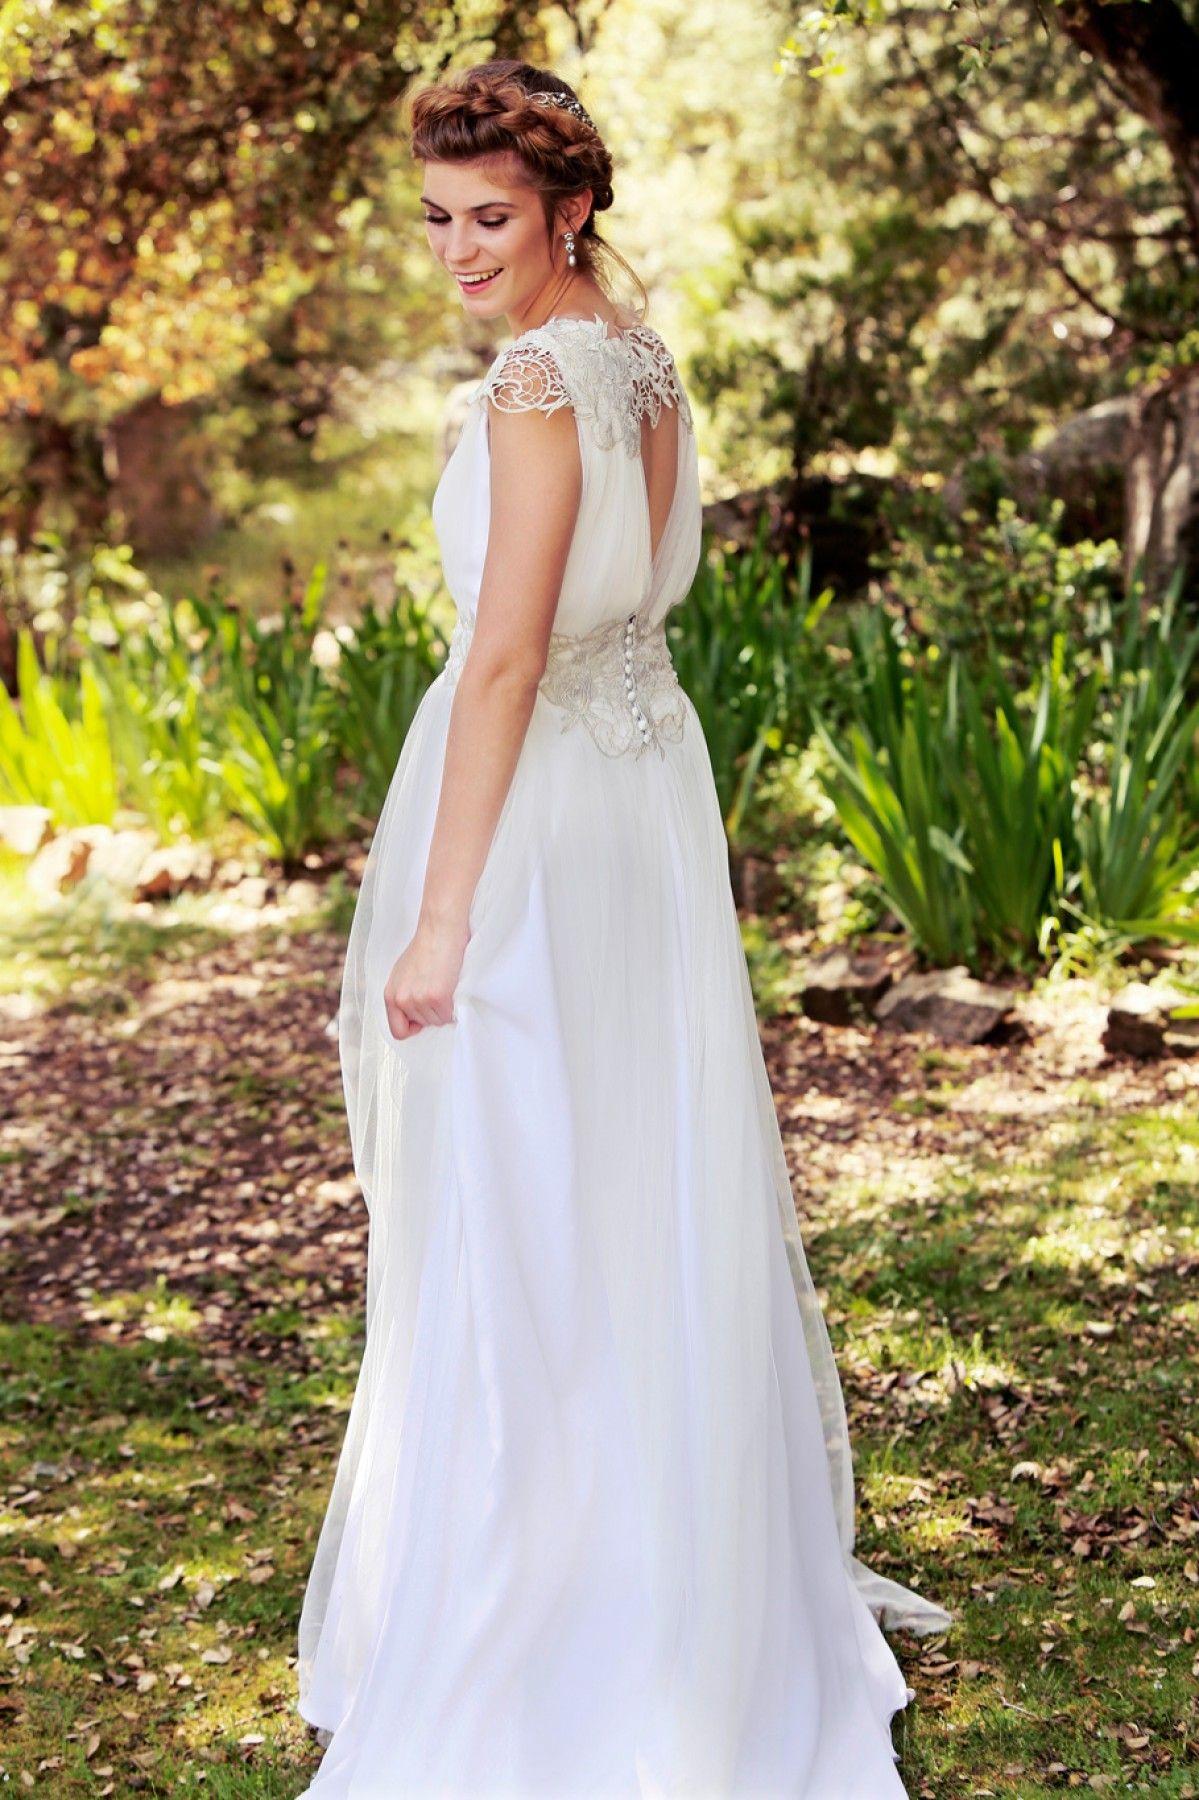 Diseñadora de vestidos de novia personalizados a medida | Vestidos ...